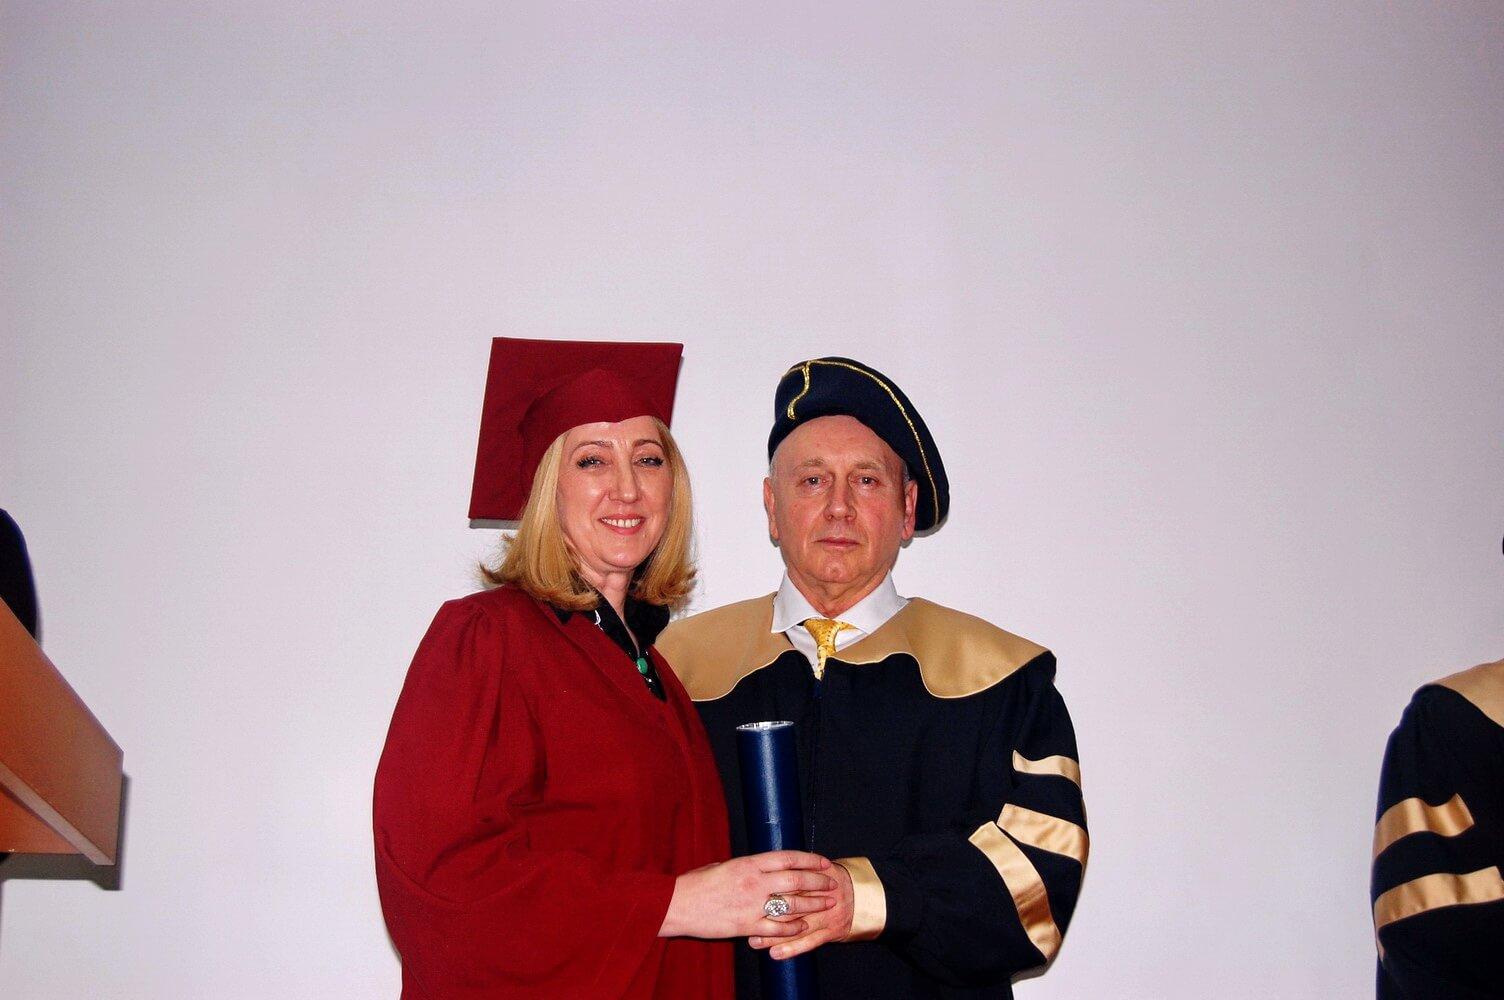 Dan Univerziteta 2020 170